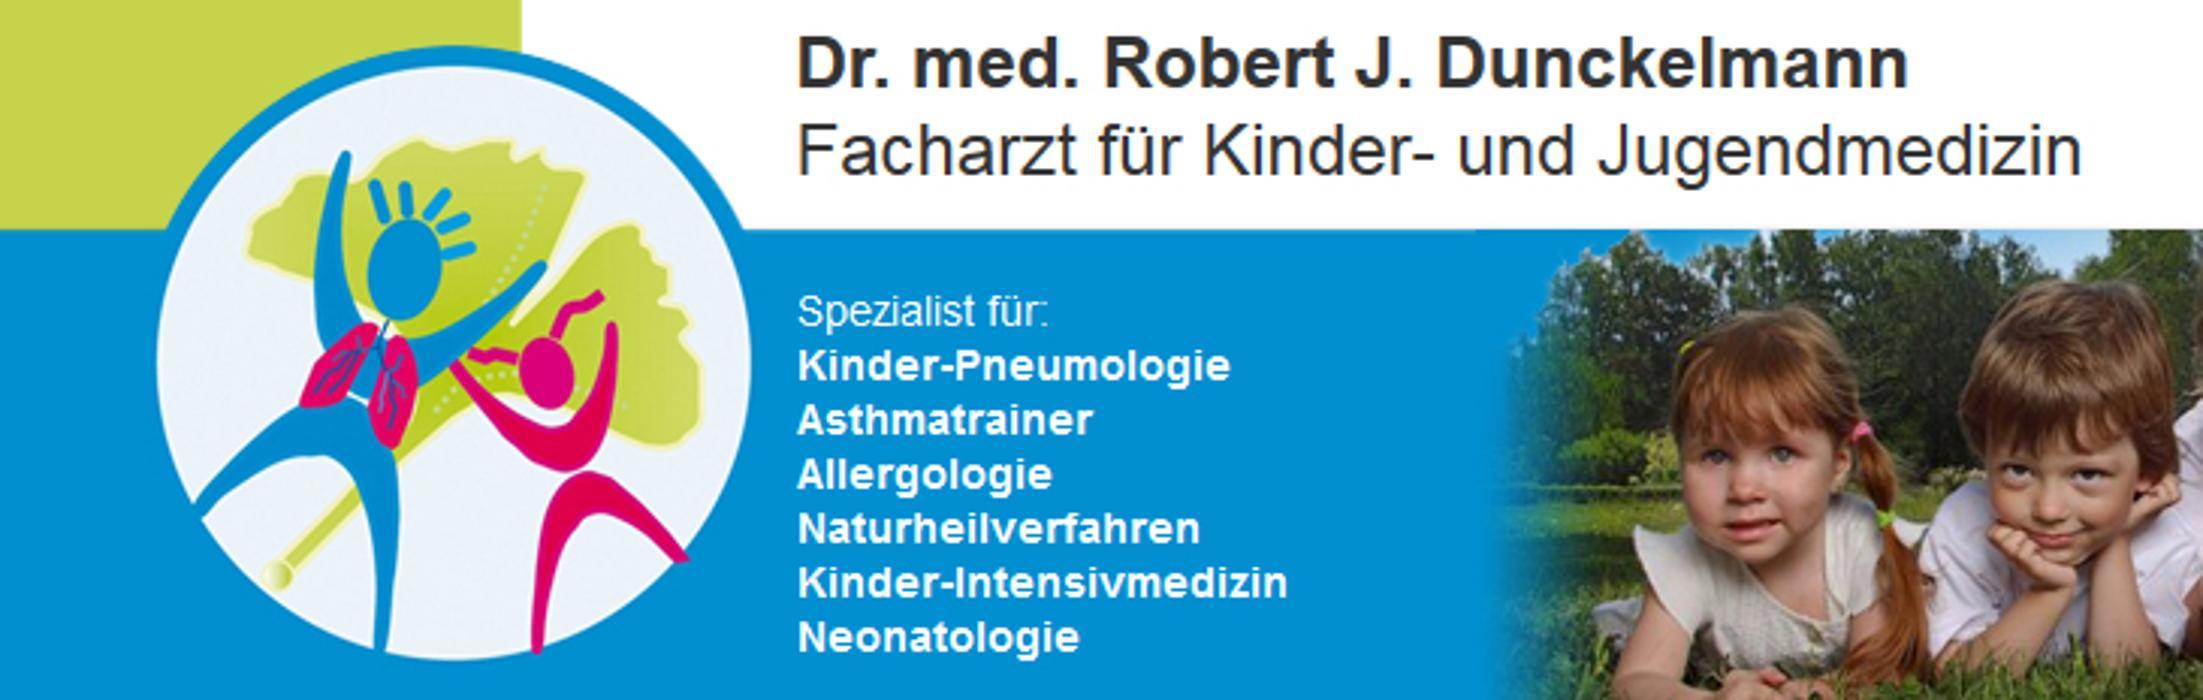 Bild zu Dr.med. Robert J. Dunckelmann, Facharzt für Kinder- und Jugendmedizin in Heidelberg